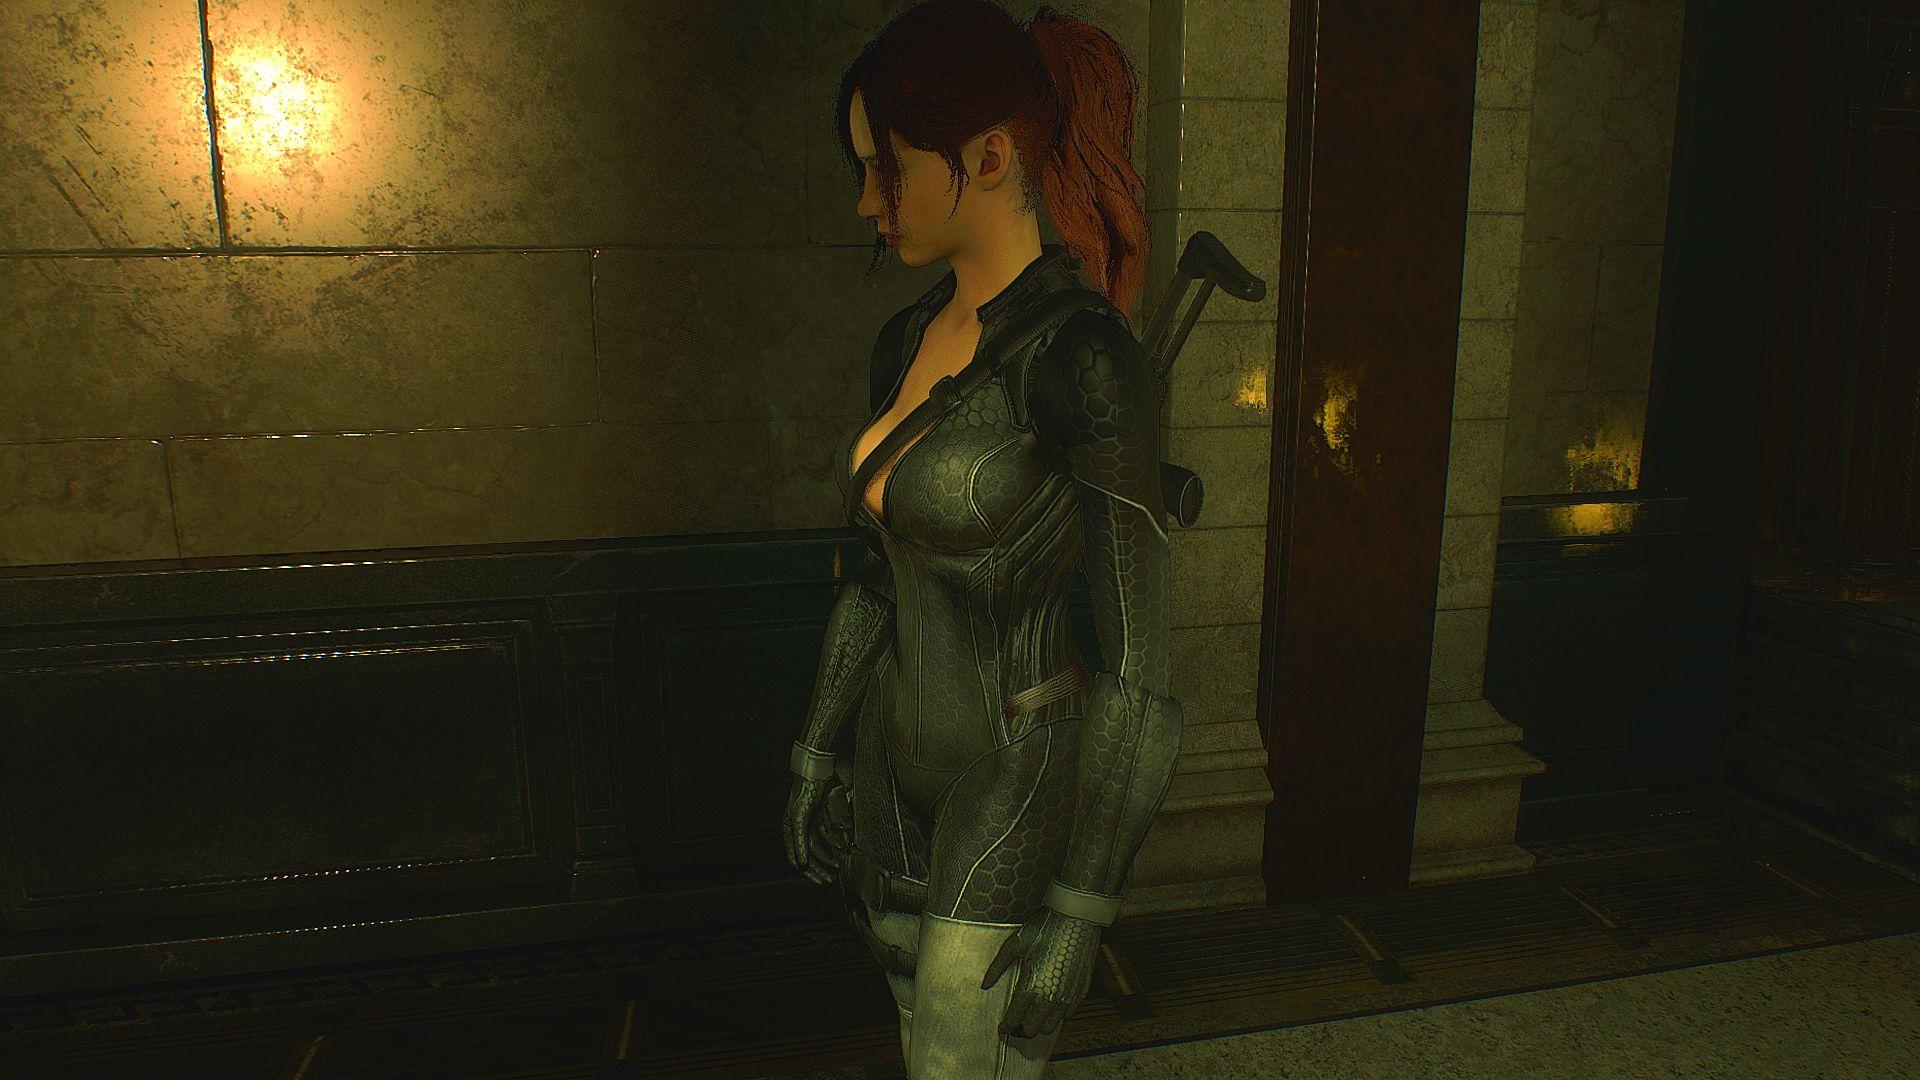 001326.Jpg - Resident Evil 2